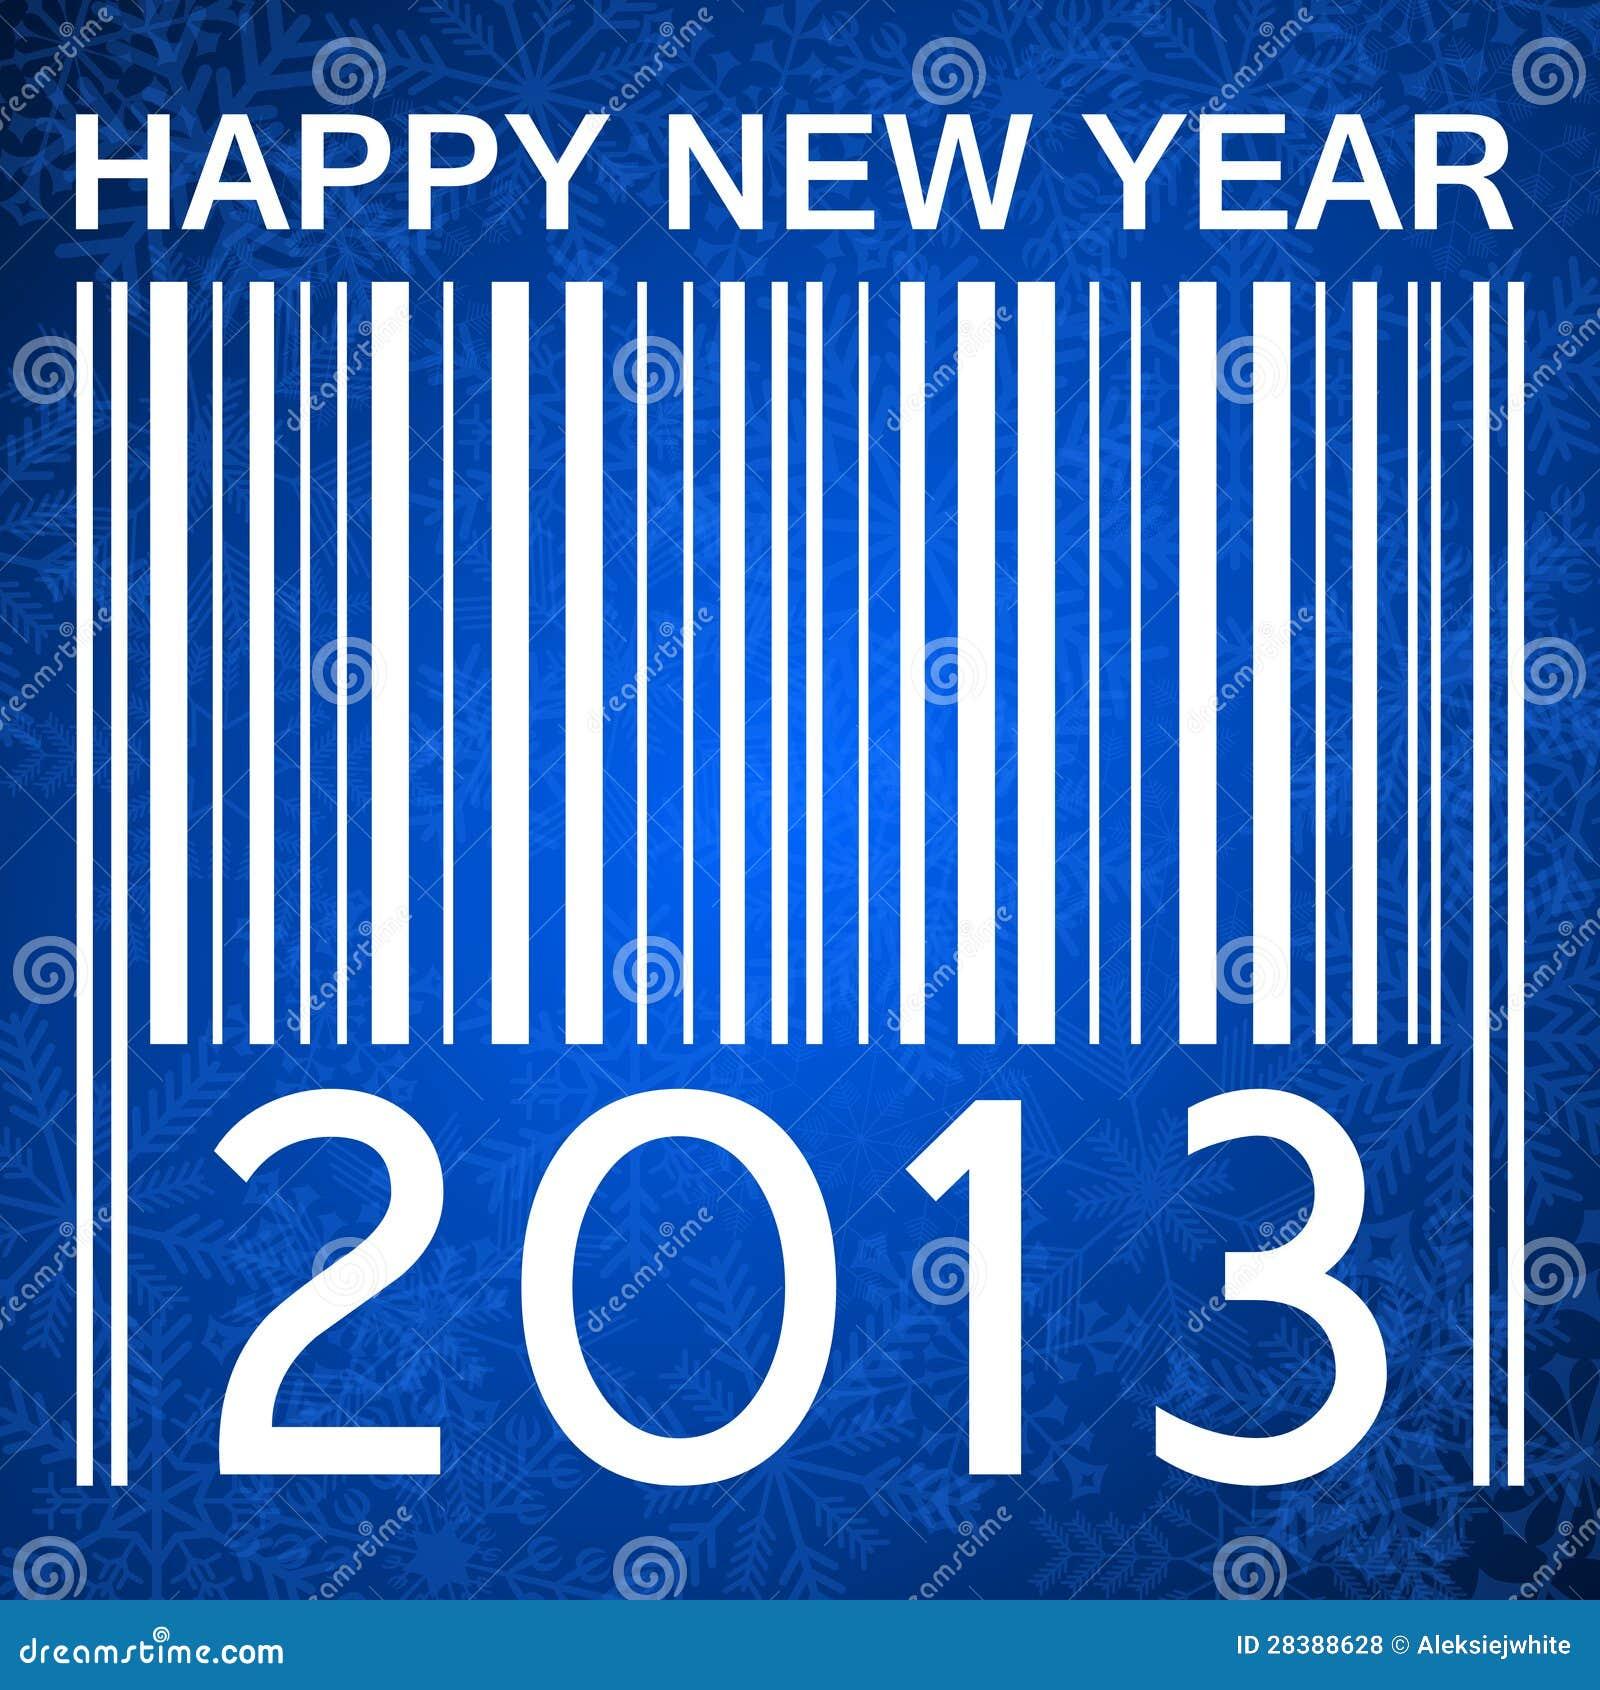 2013新年度与条形码的例证